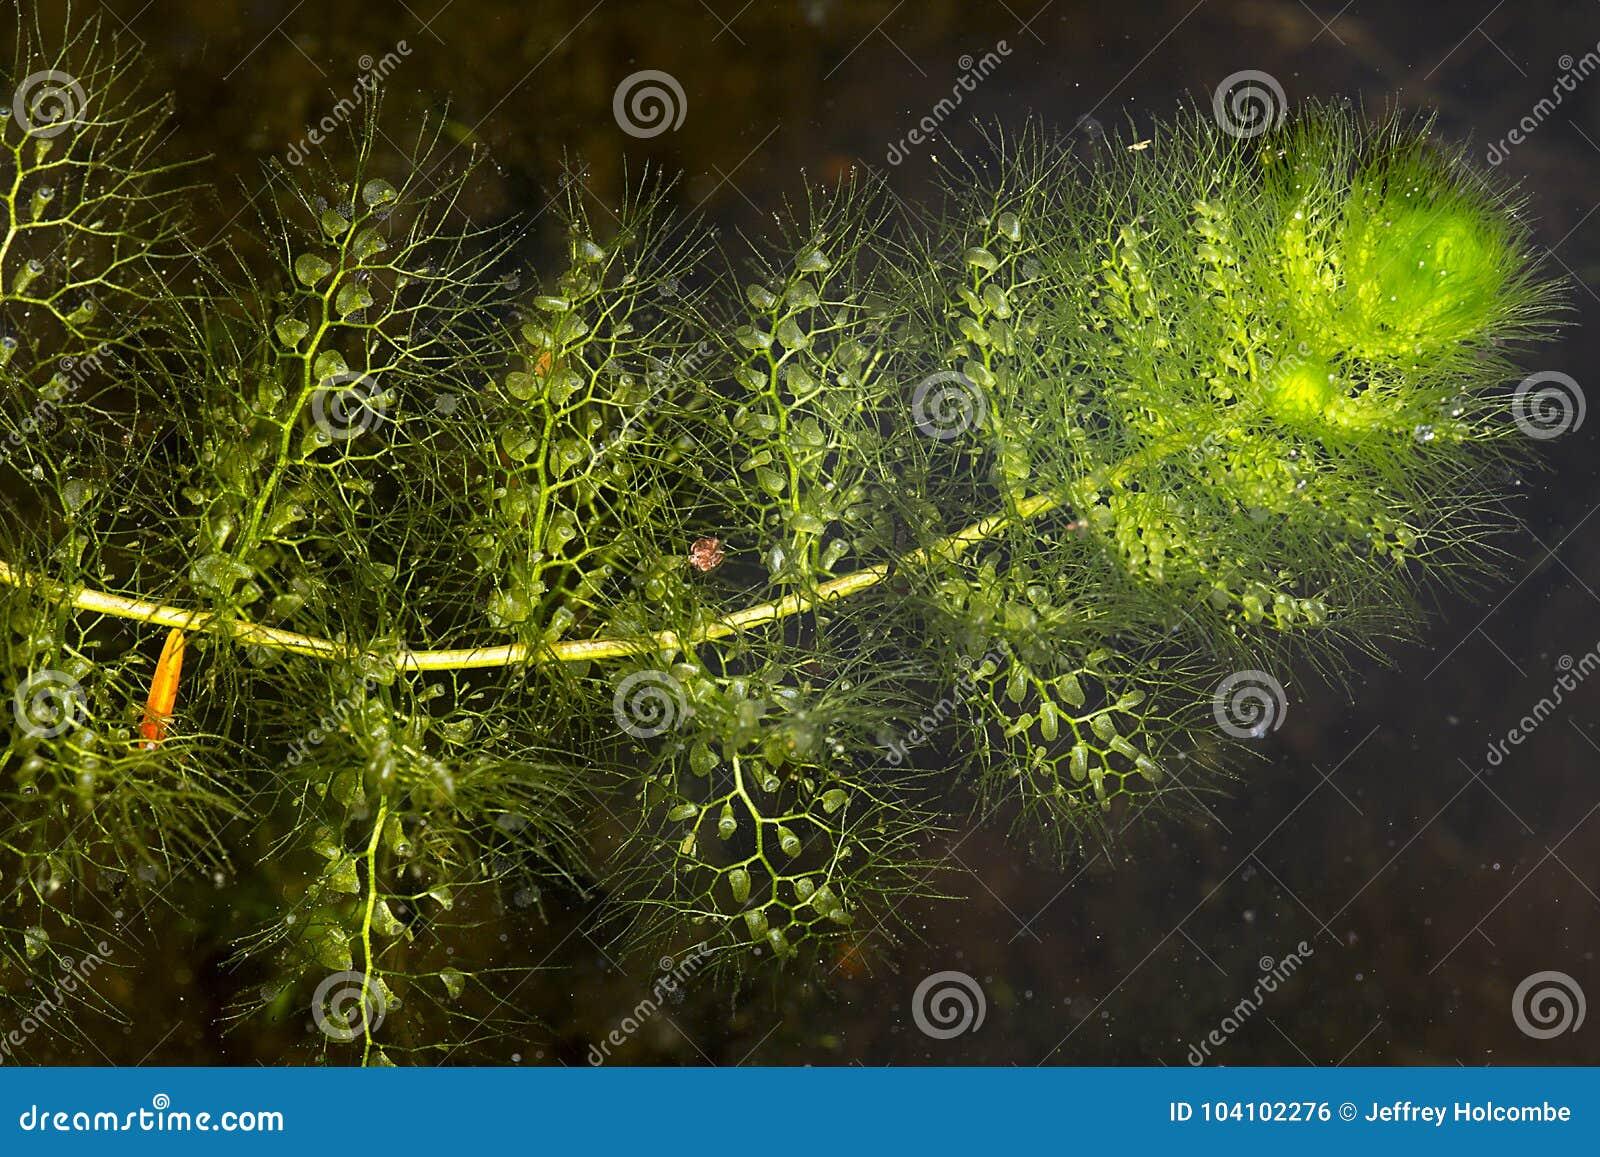 Conjuntos de bexigas nas folhas do bladderwort em New Hampshire